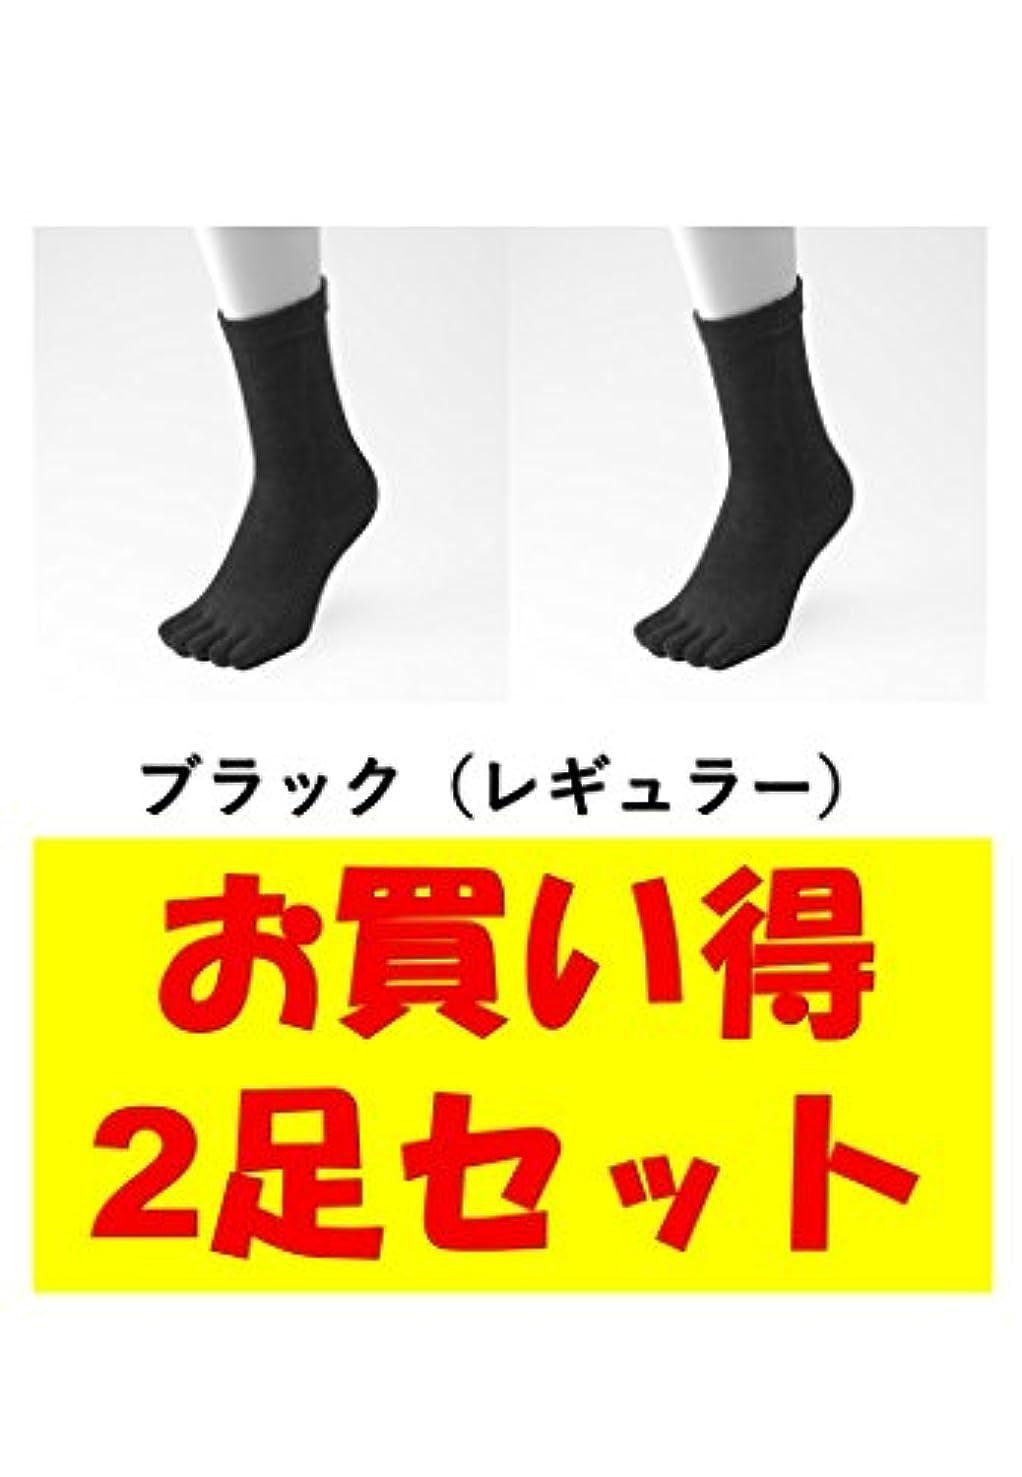 お金不注意屋内でお買い得2足セット 5本指 ゆびのばソックス ゆびのばレギュラー ブラック 男性用 25.5cm-28.0cm HSREGR-BLK